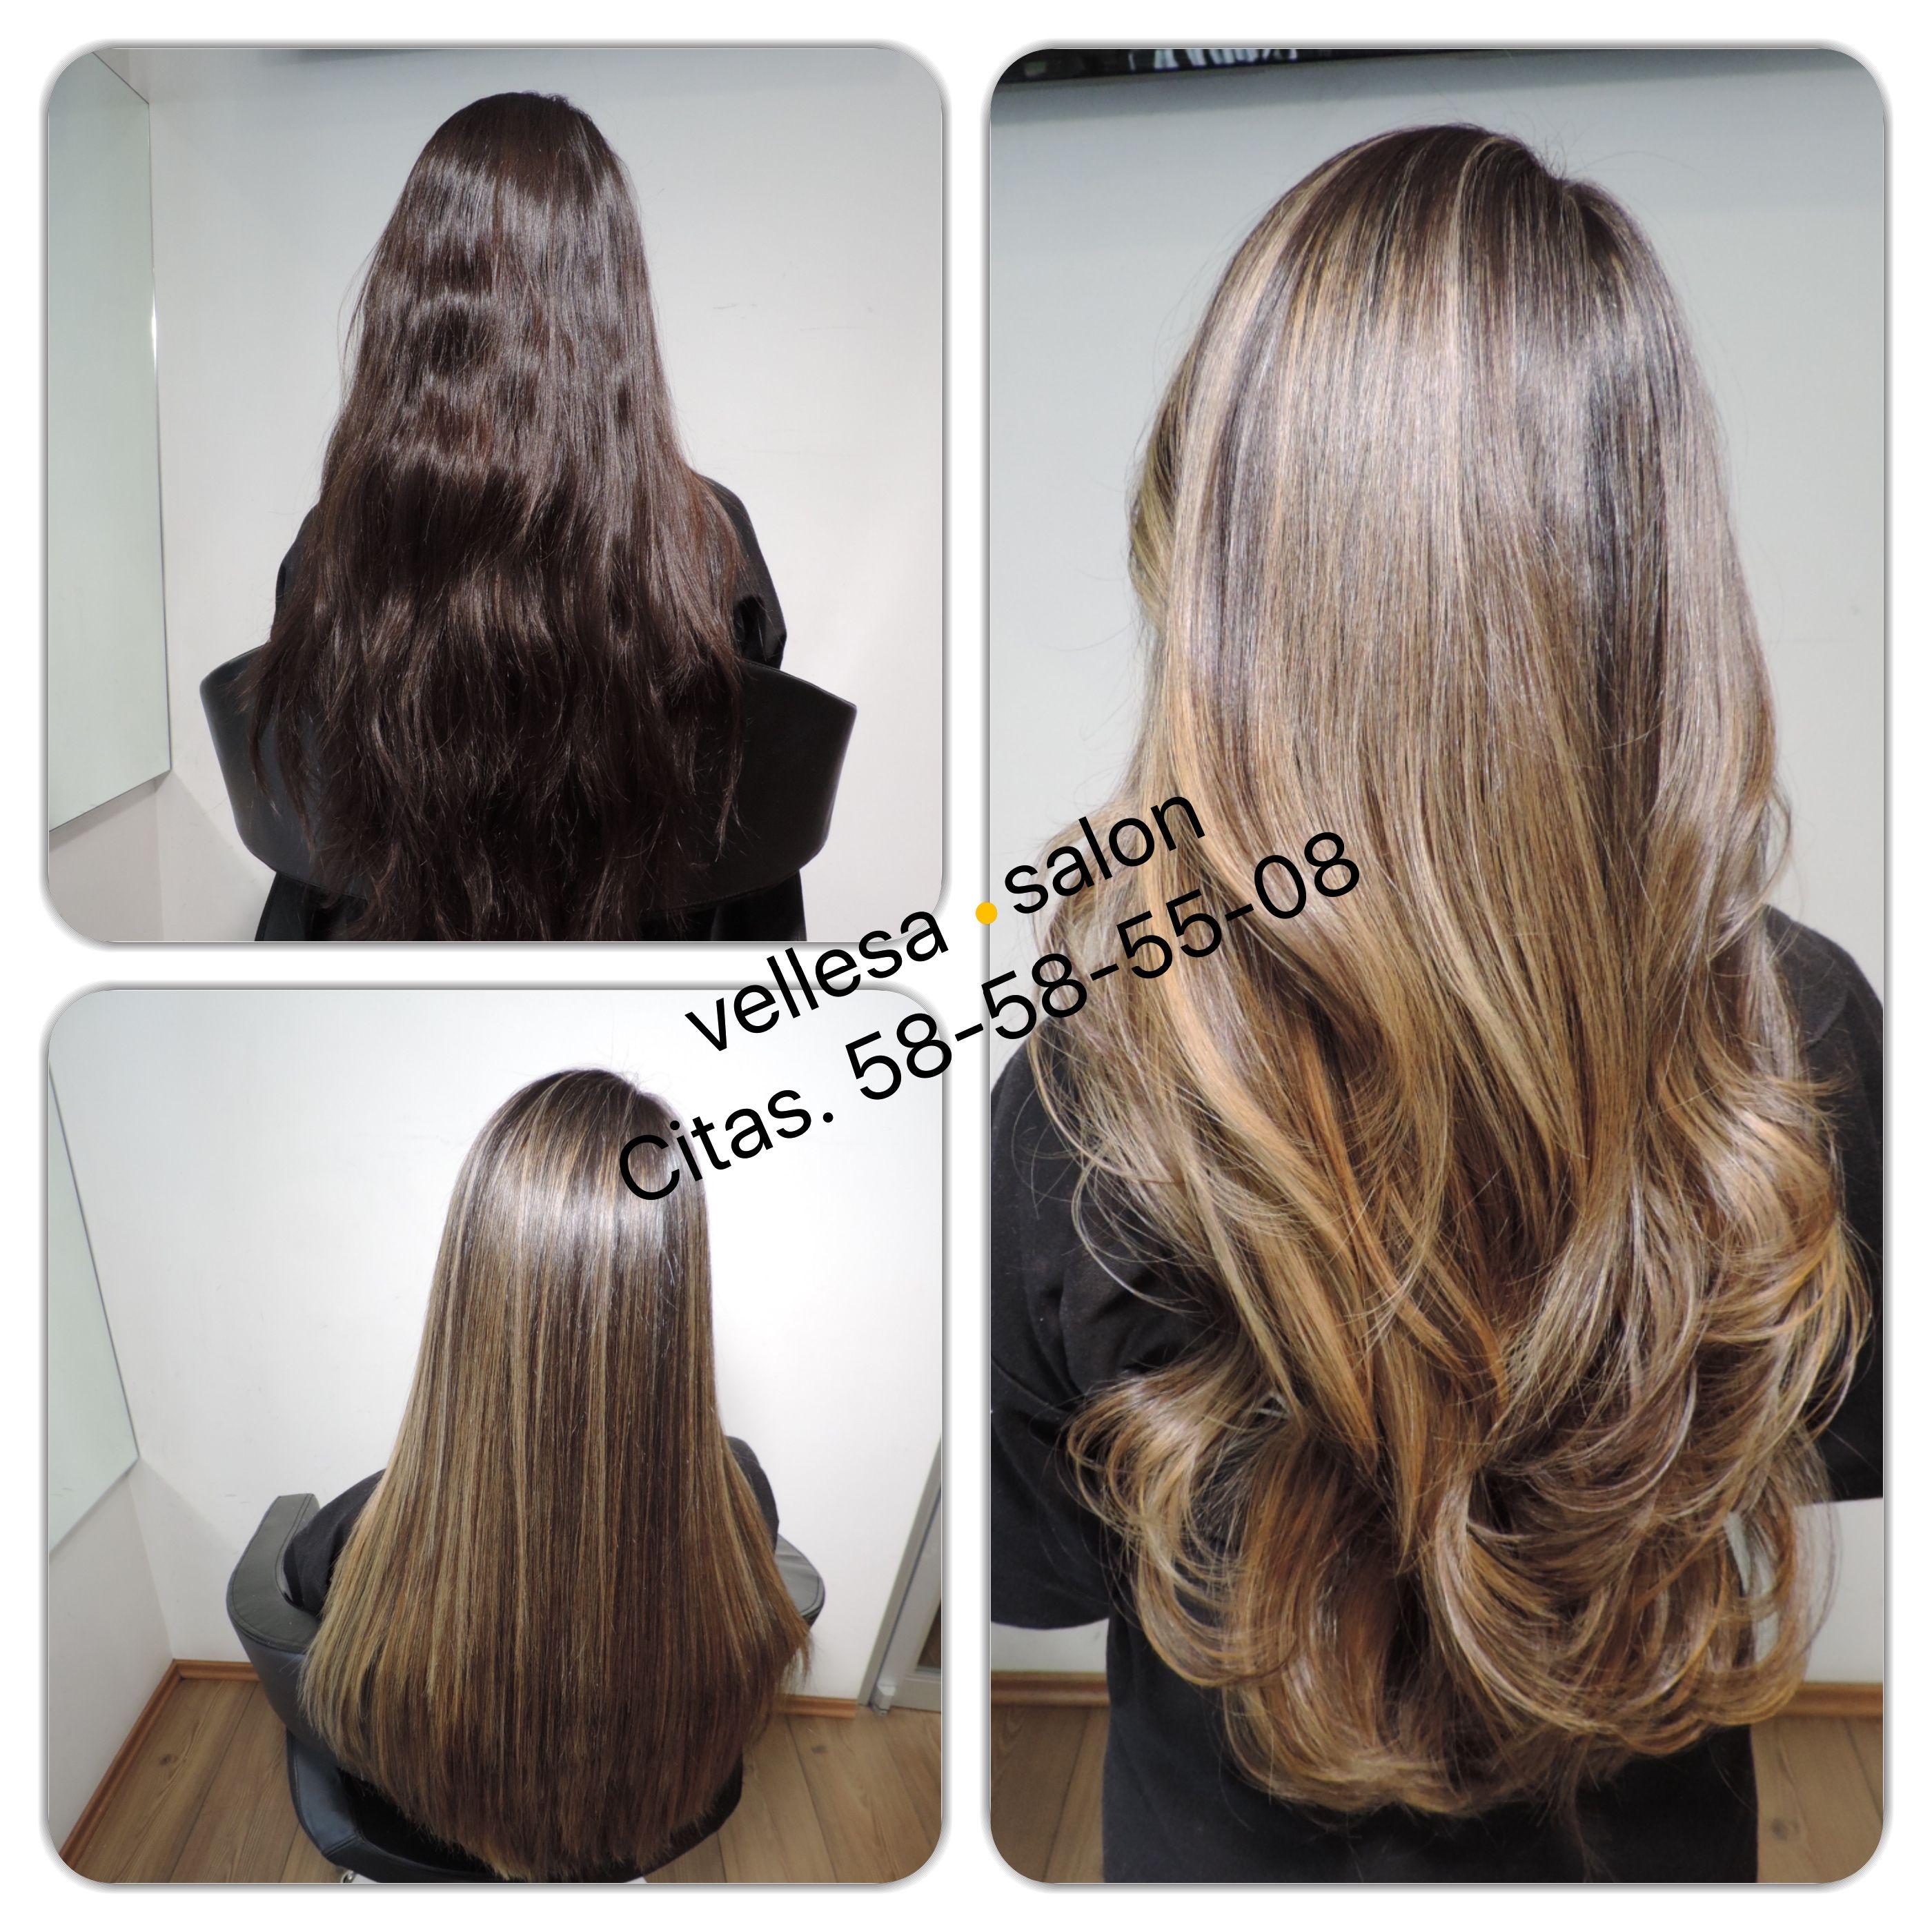 vellesa.salon te asesora en como lucir !  #vellesasalon #judithluna #janelly #makeup #hair #cortes #peinados #maquillajes